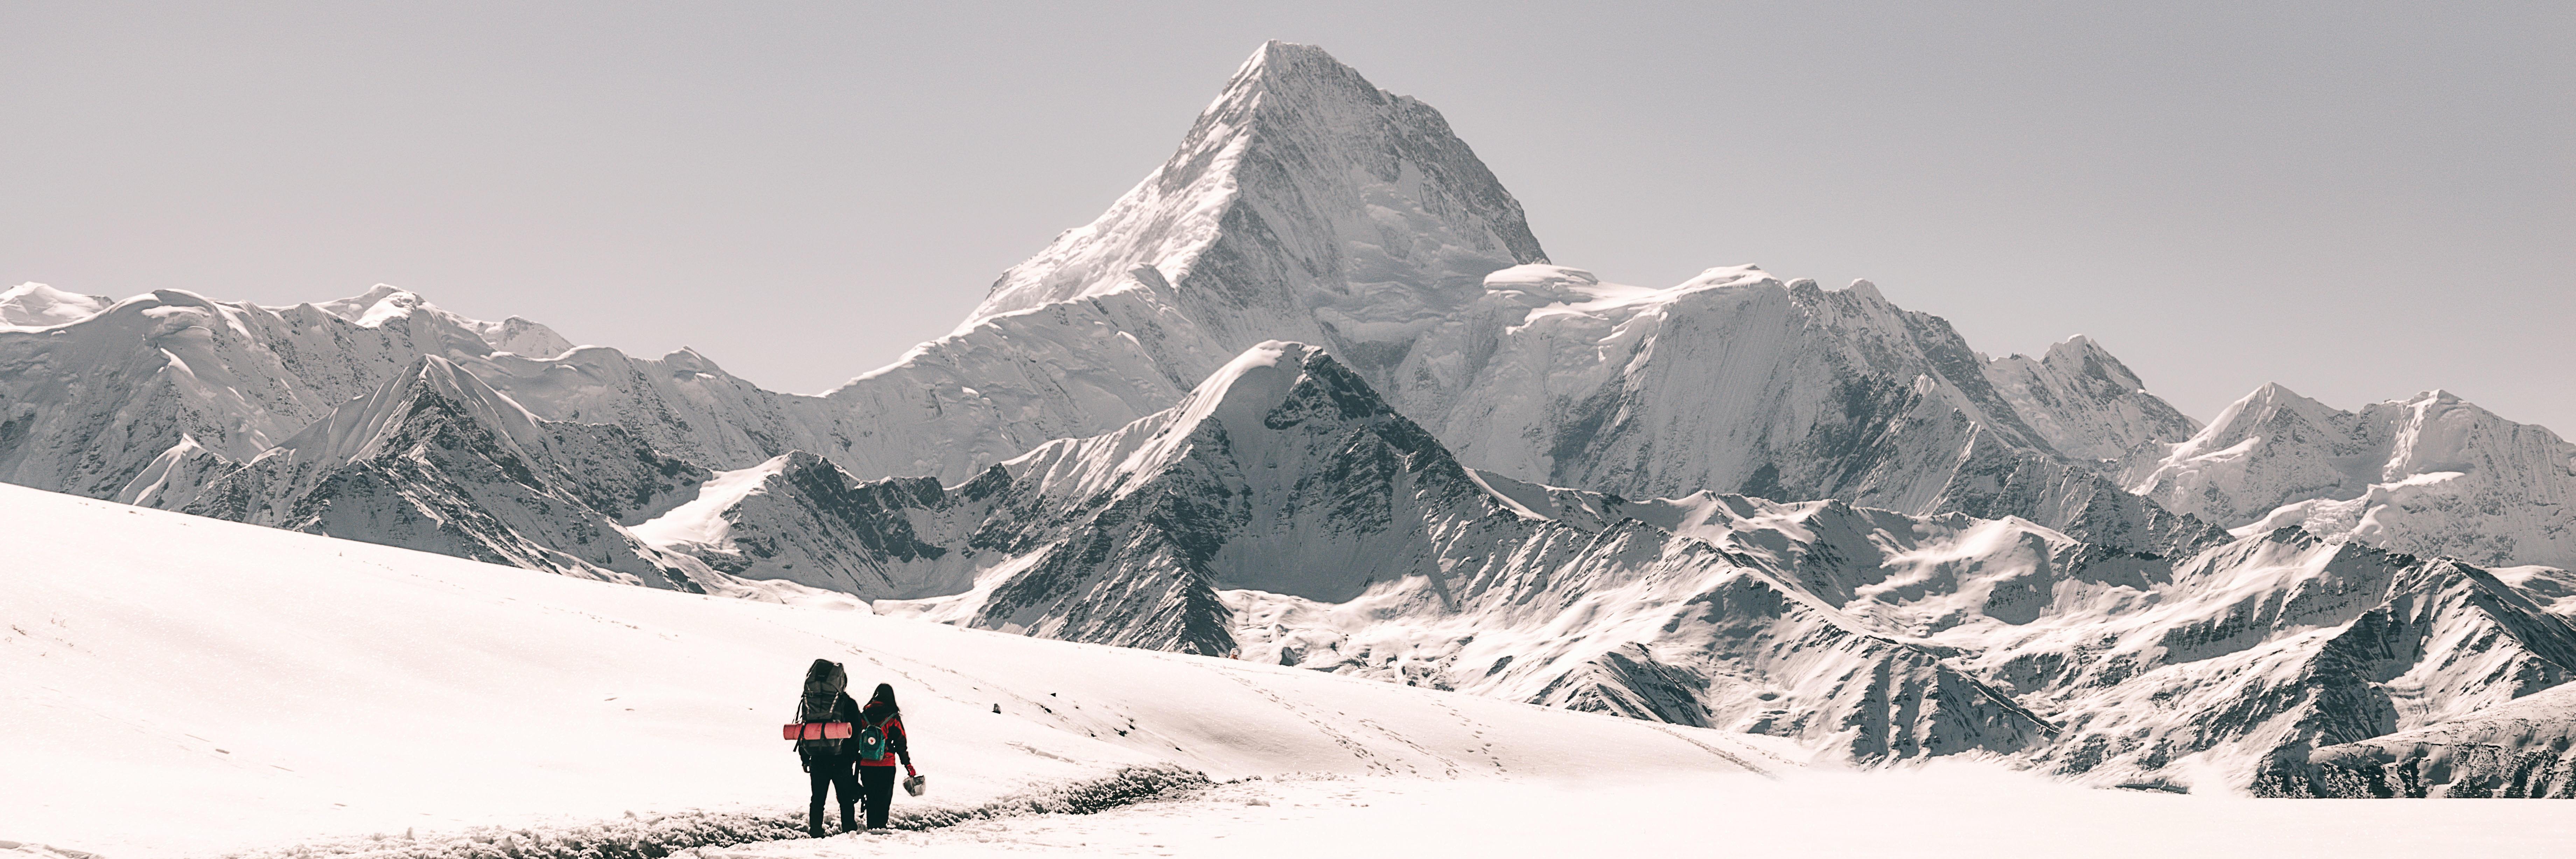 【愛卡自駕游活動】五月初|川西の貢嘎環線的雪山之旅